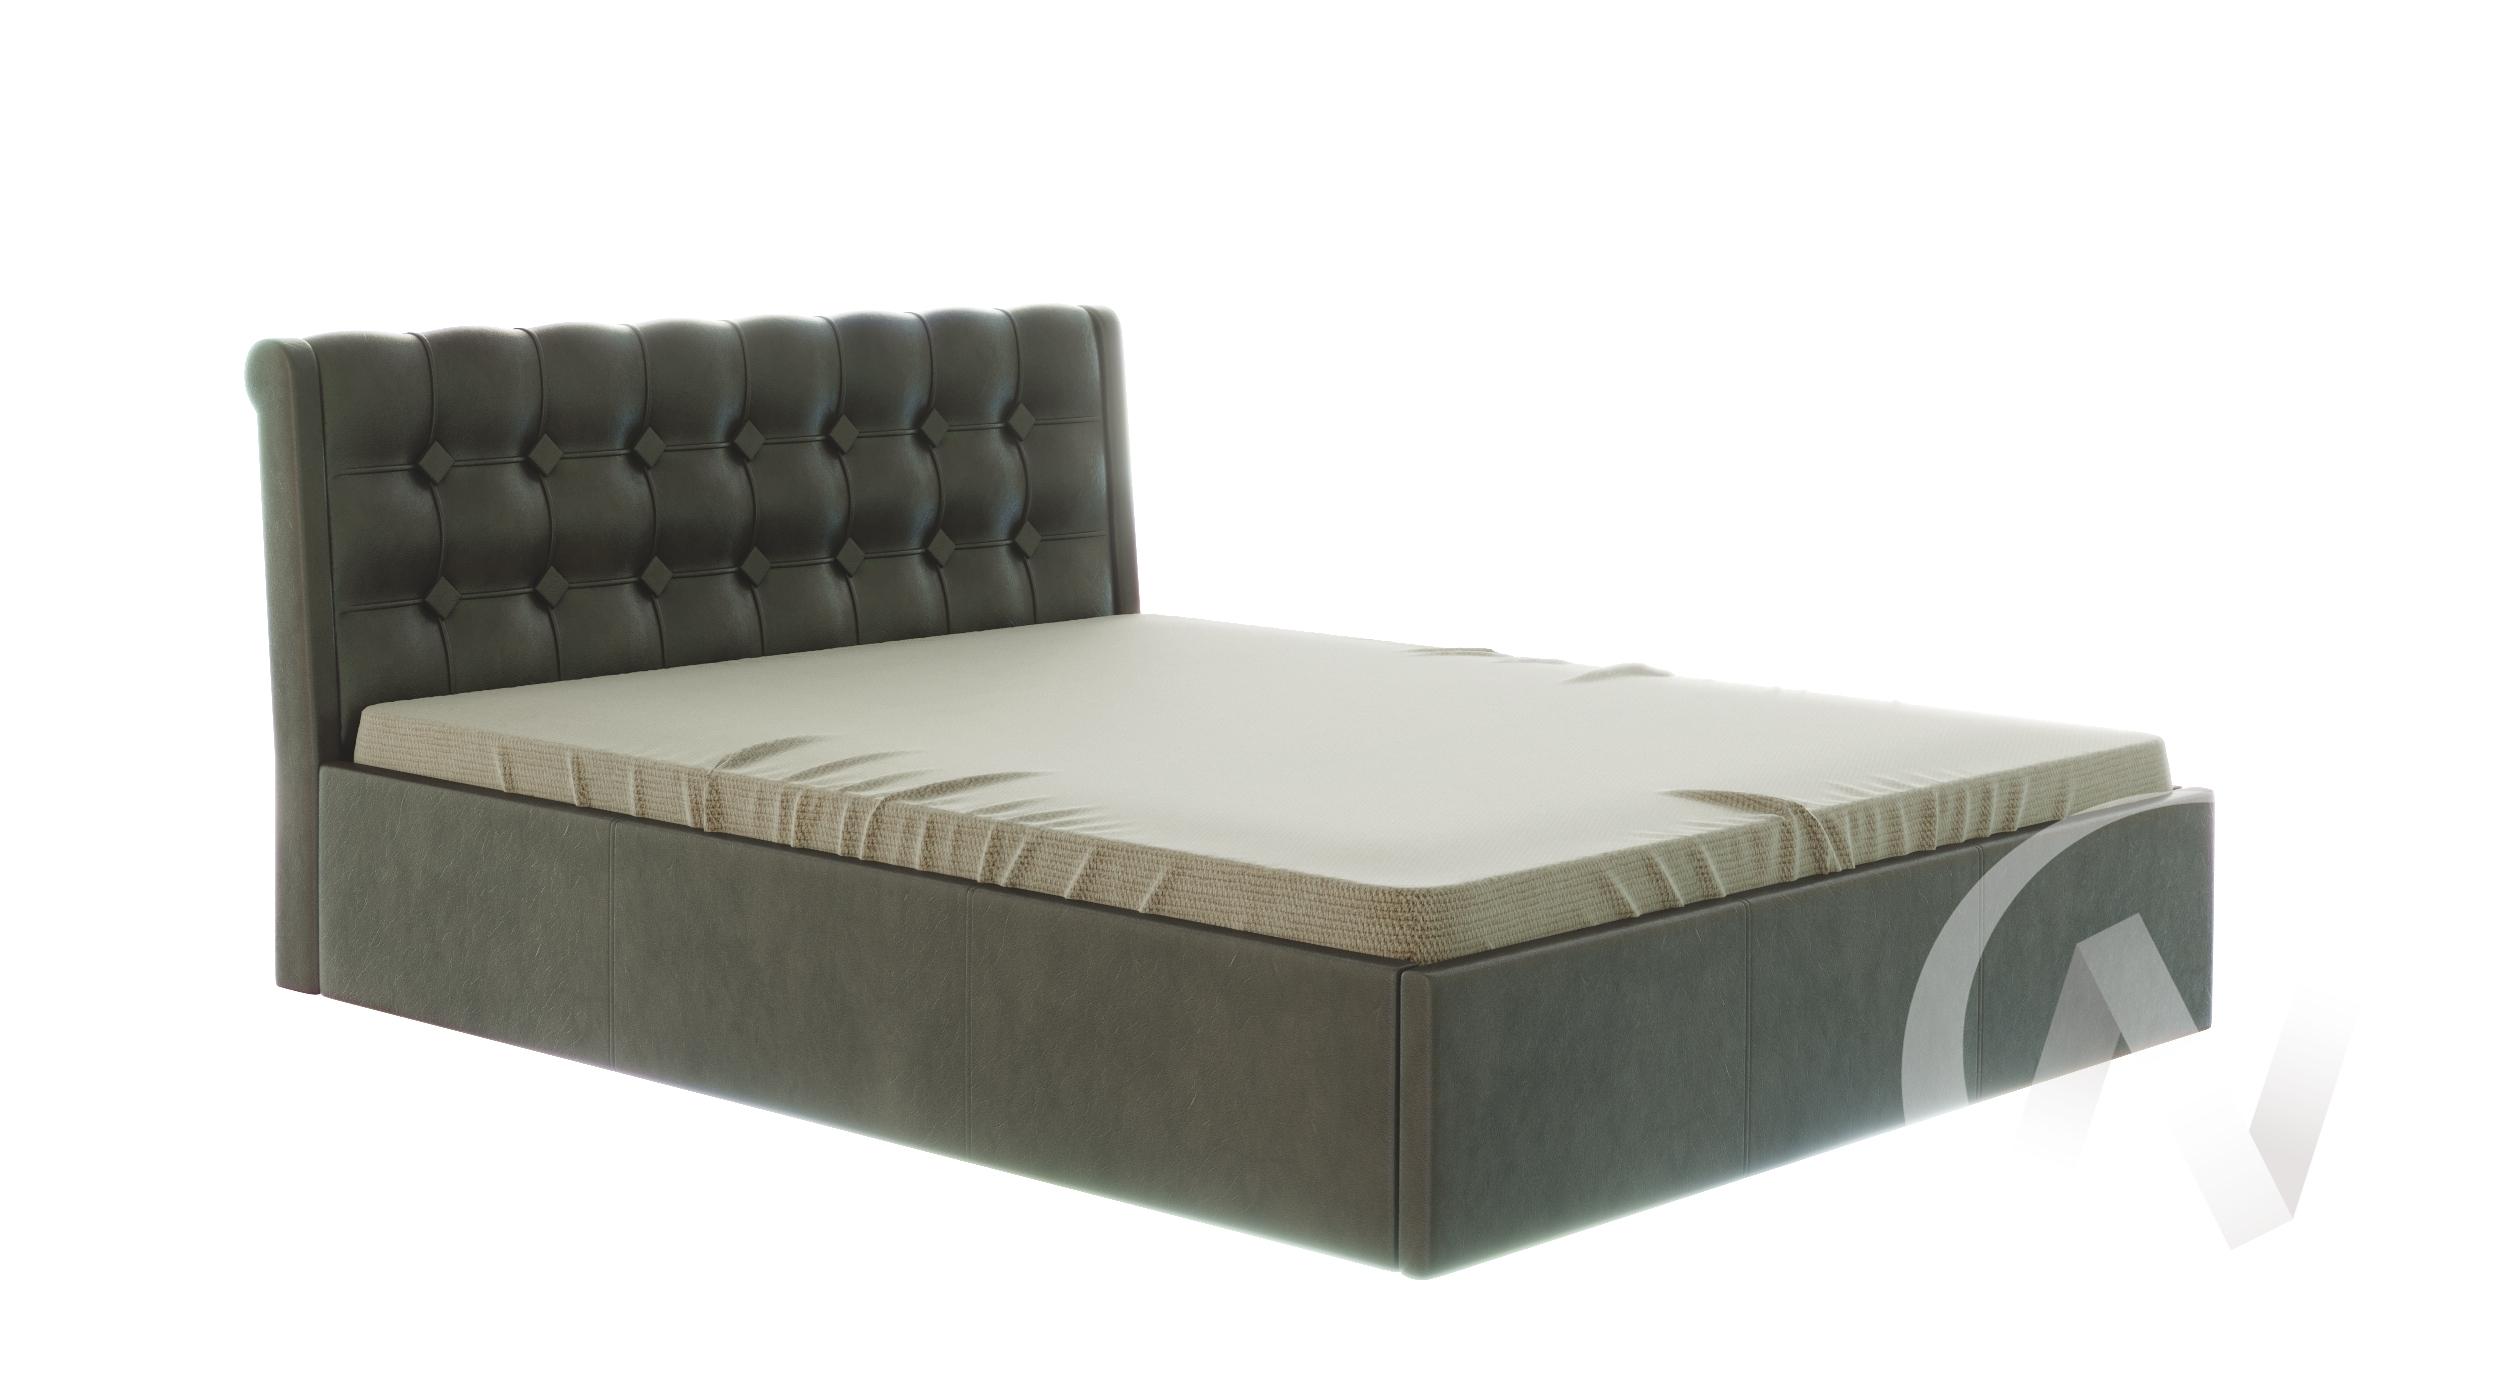 Кровать Лагуна 1,6 с подъемным механизмом (коричневый)